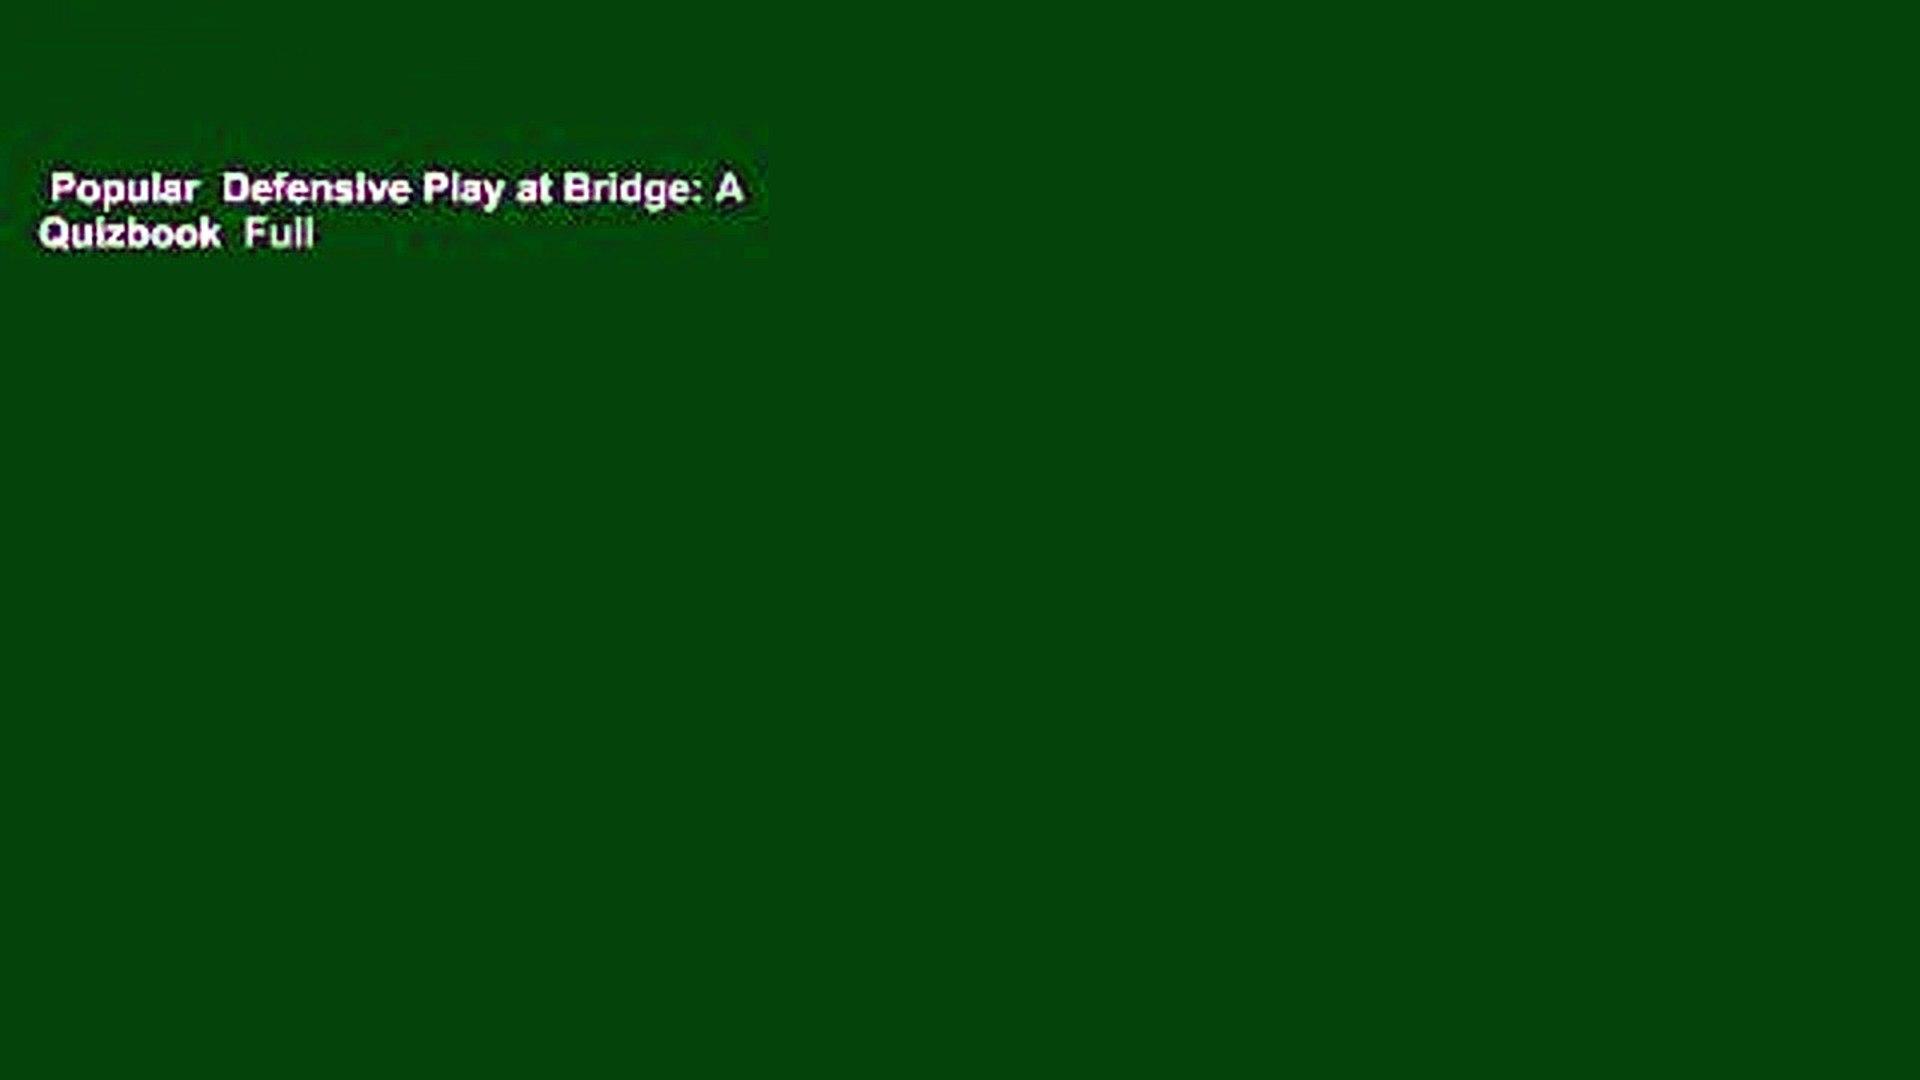 Defensive Play at Bridge A Quizbook